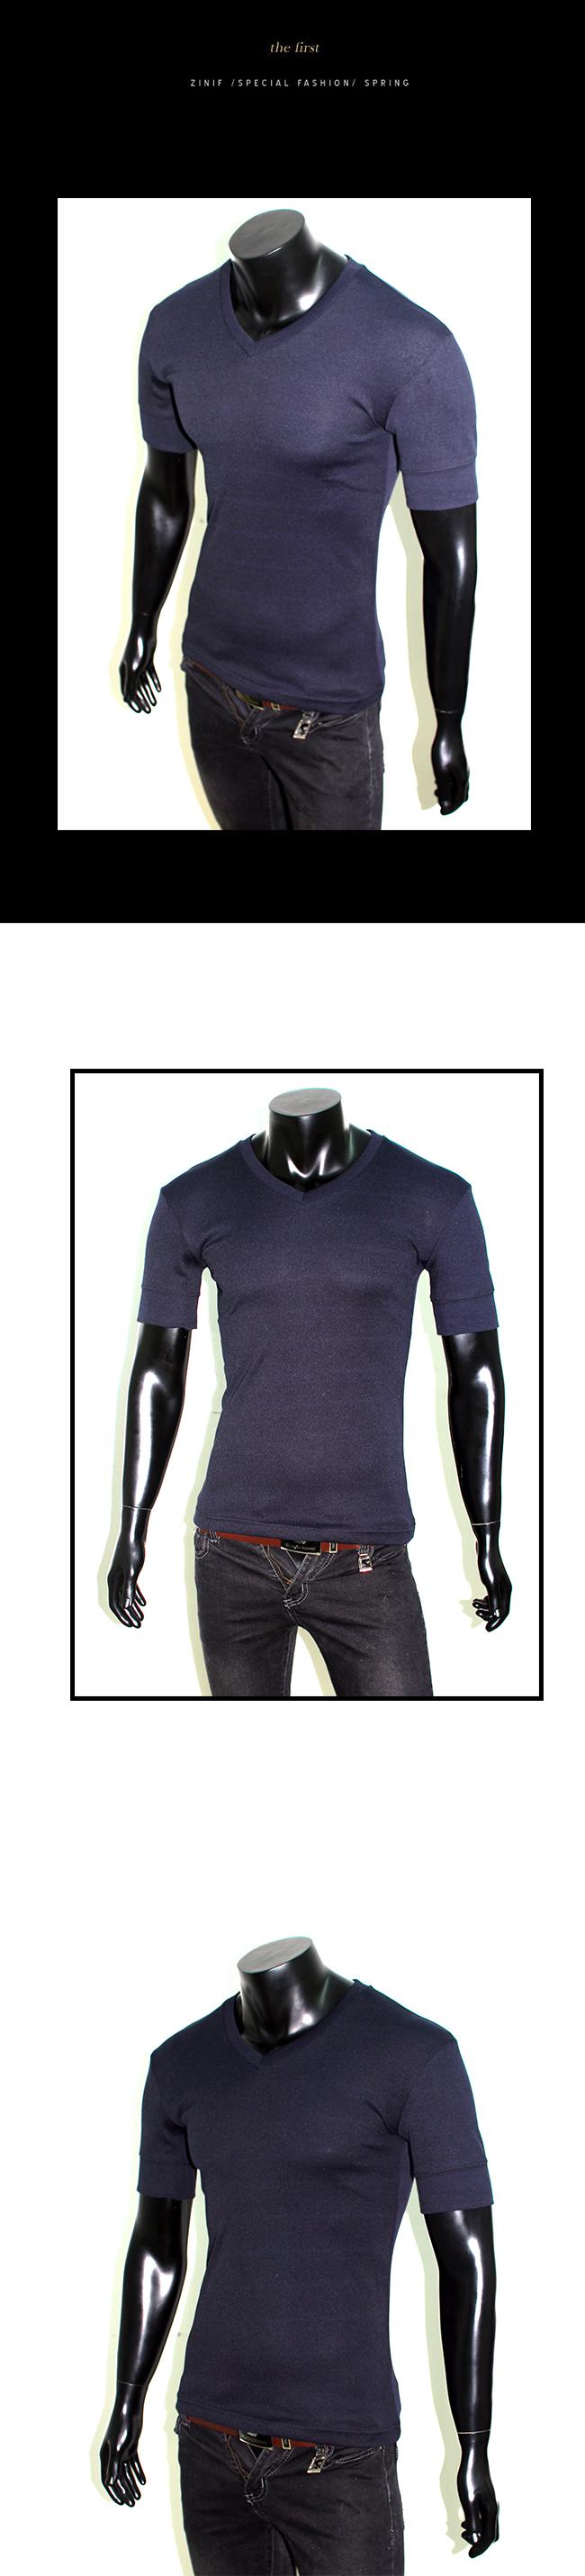 Áo thun trơn xanh đen at361 - 1